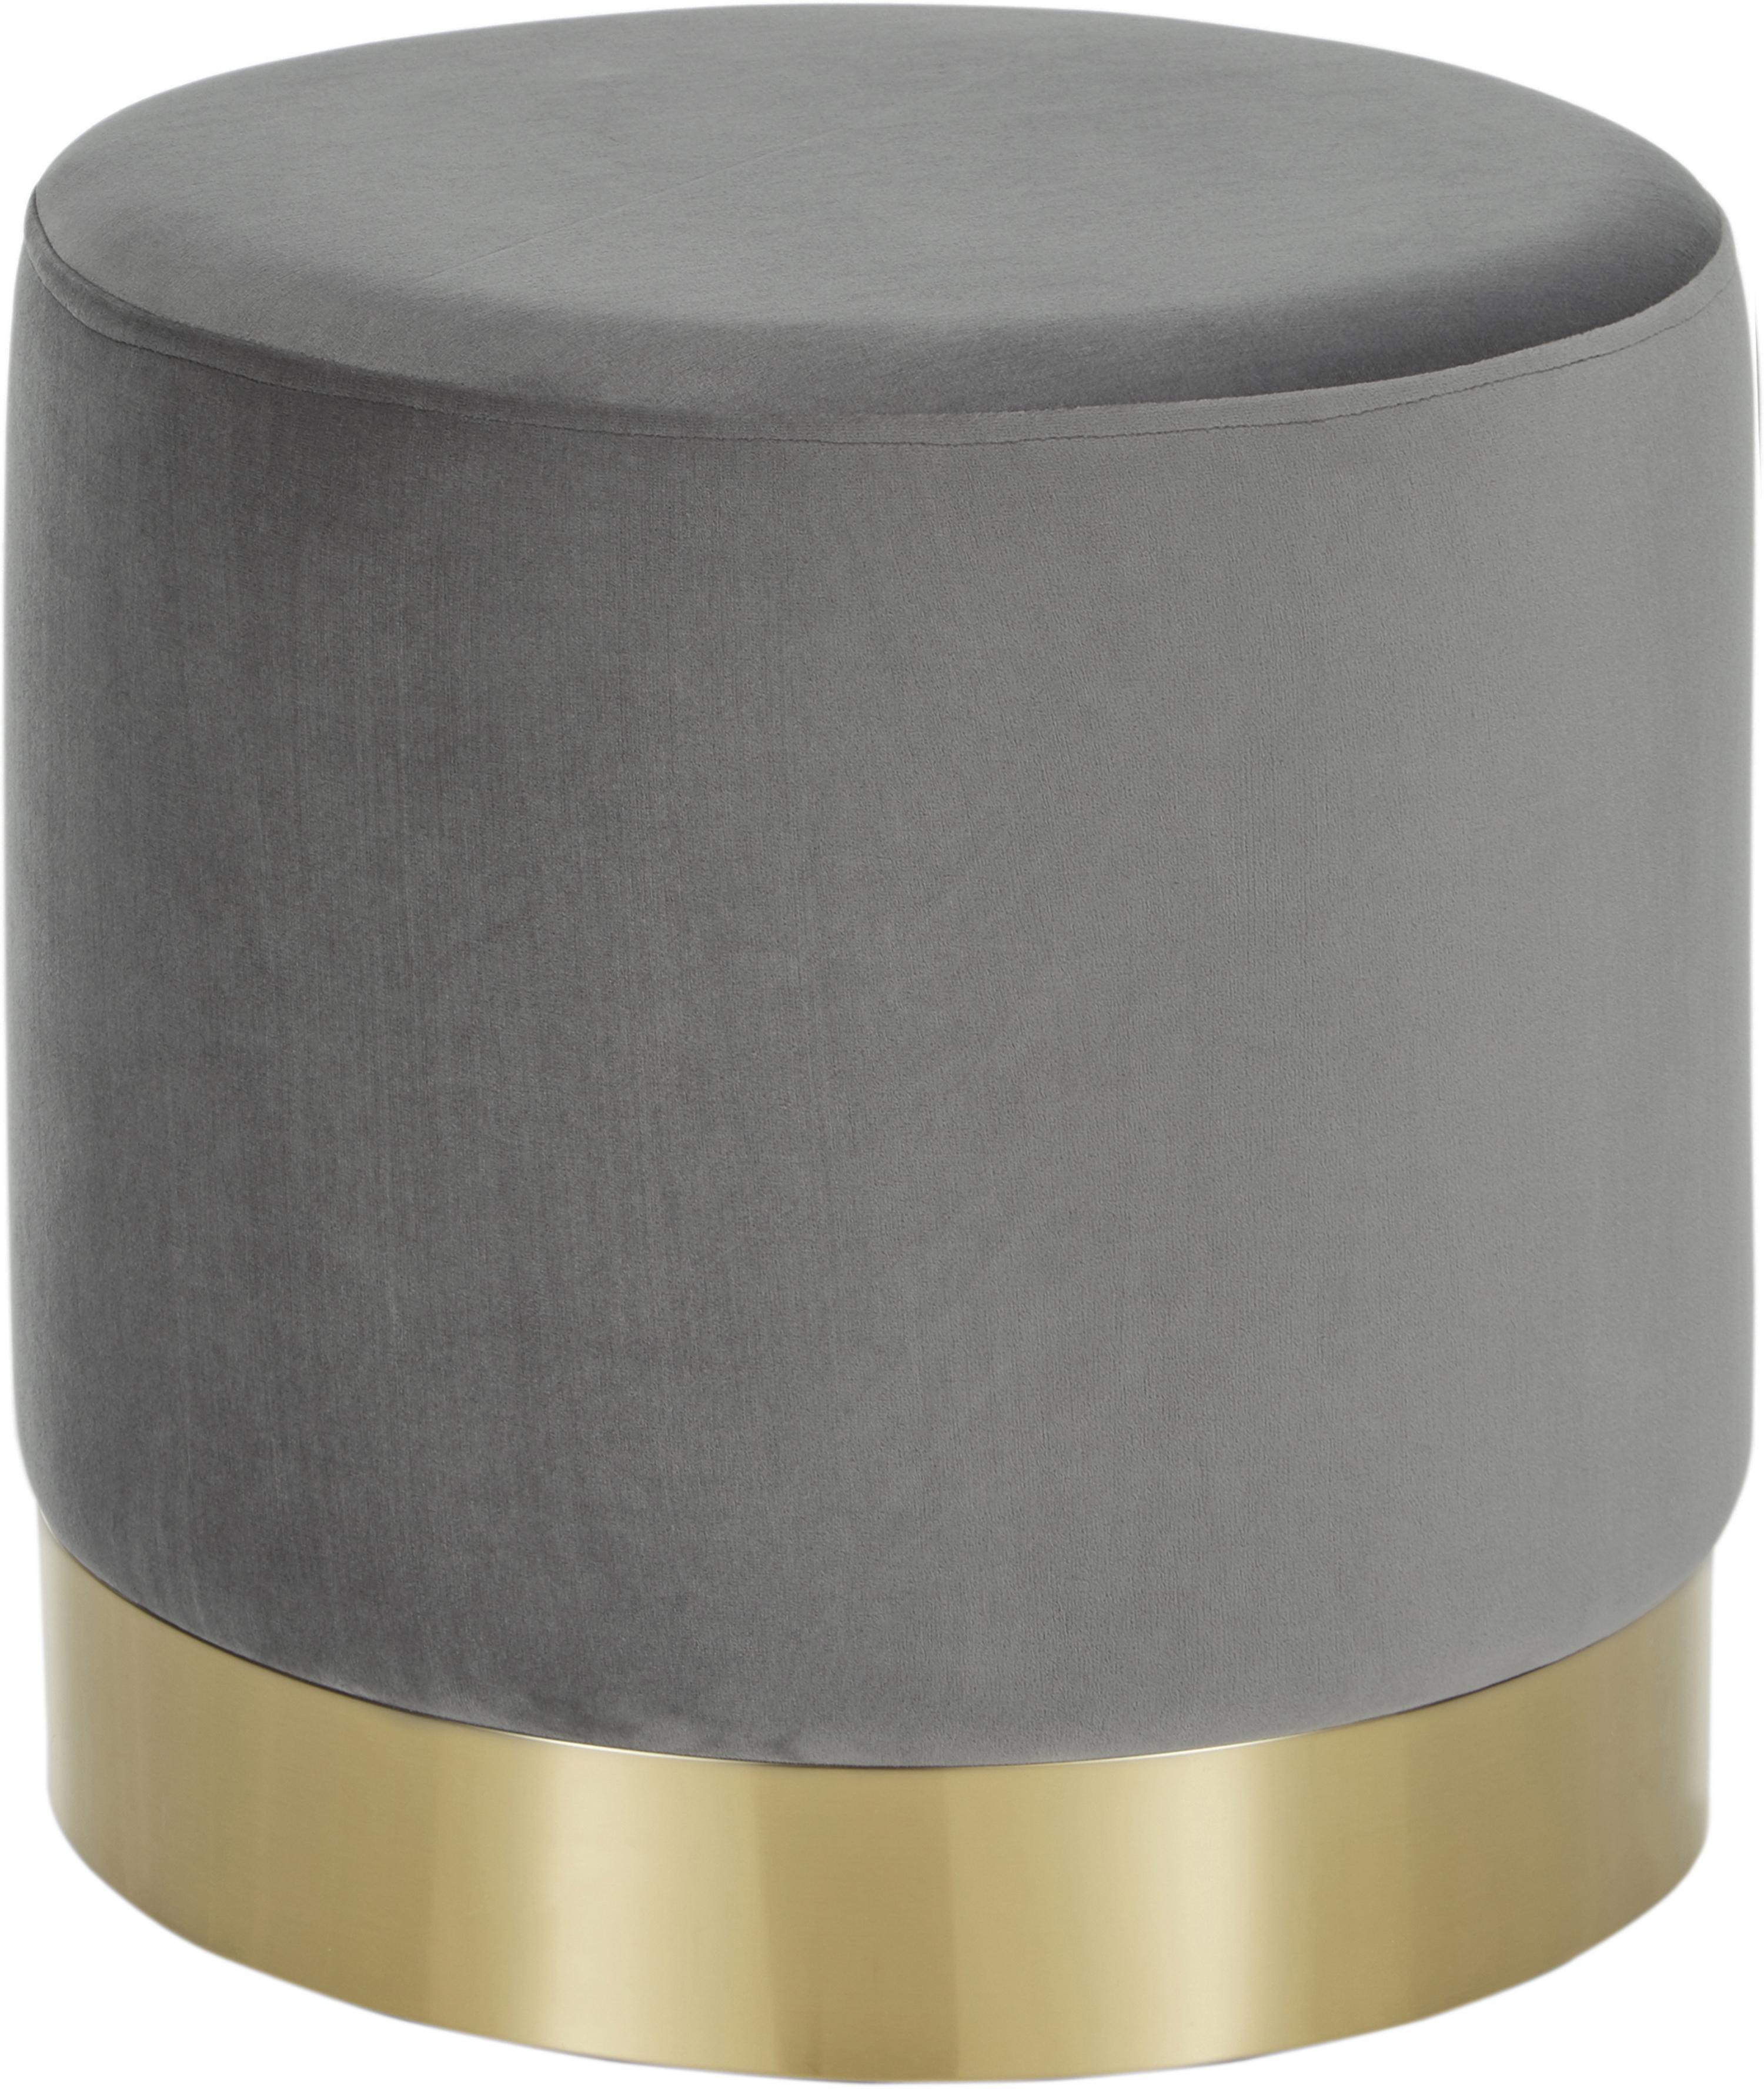 Puf de terciopelo Orchid, Tapizado: terciopelo (poliéster) Al, Estructura: tablero de fibras de dens, Gris, dorado, Ø 40 x Al 39 cm